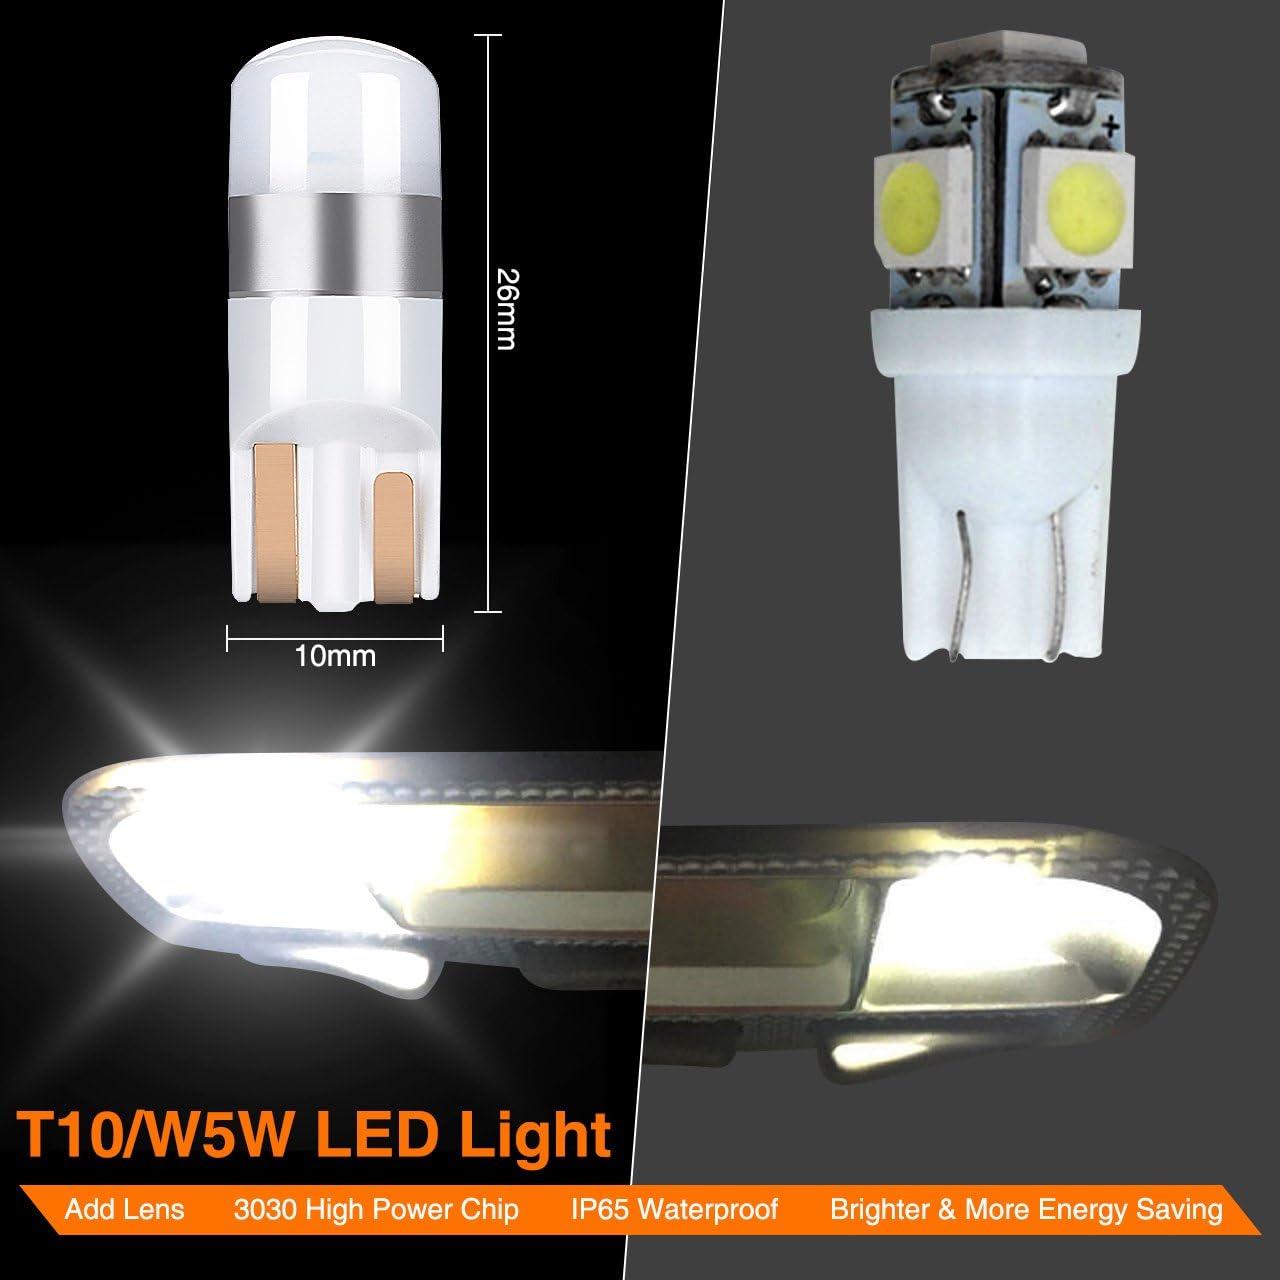 Interior Lamps LED White Car Interior Light Bulbs Interior Lamps 4/× LED Bulbs T10 Super Bright Led Car Parking Light 6000 K Xenon White Canbus Error Free 3030 SMD IP65 Audew White Car LED Light